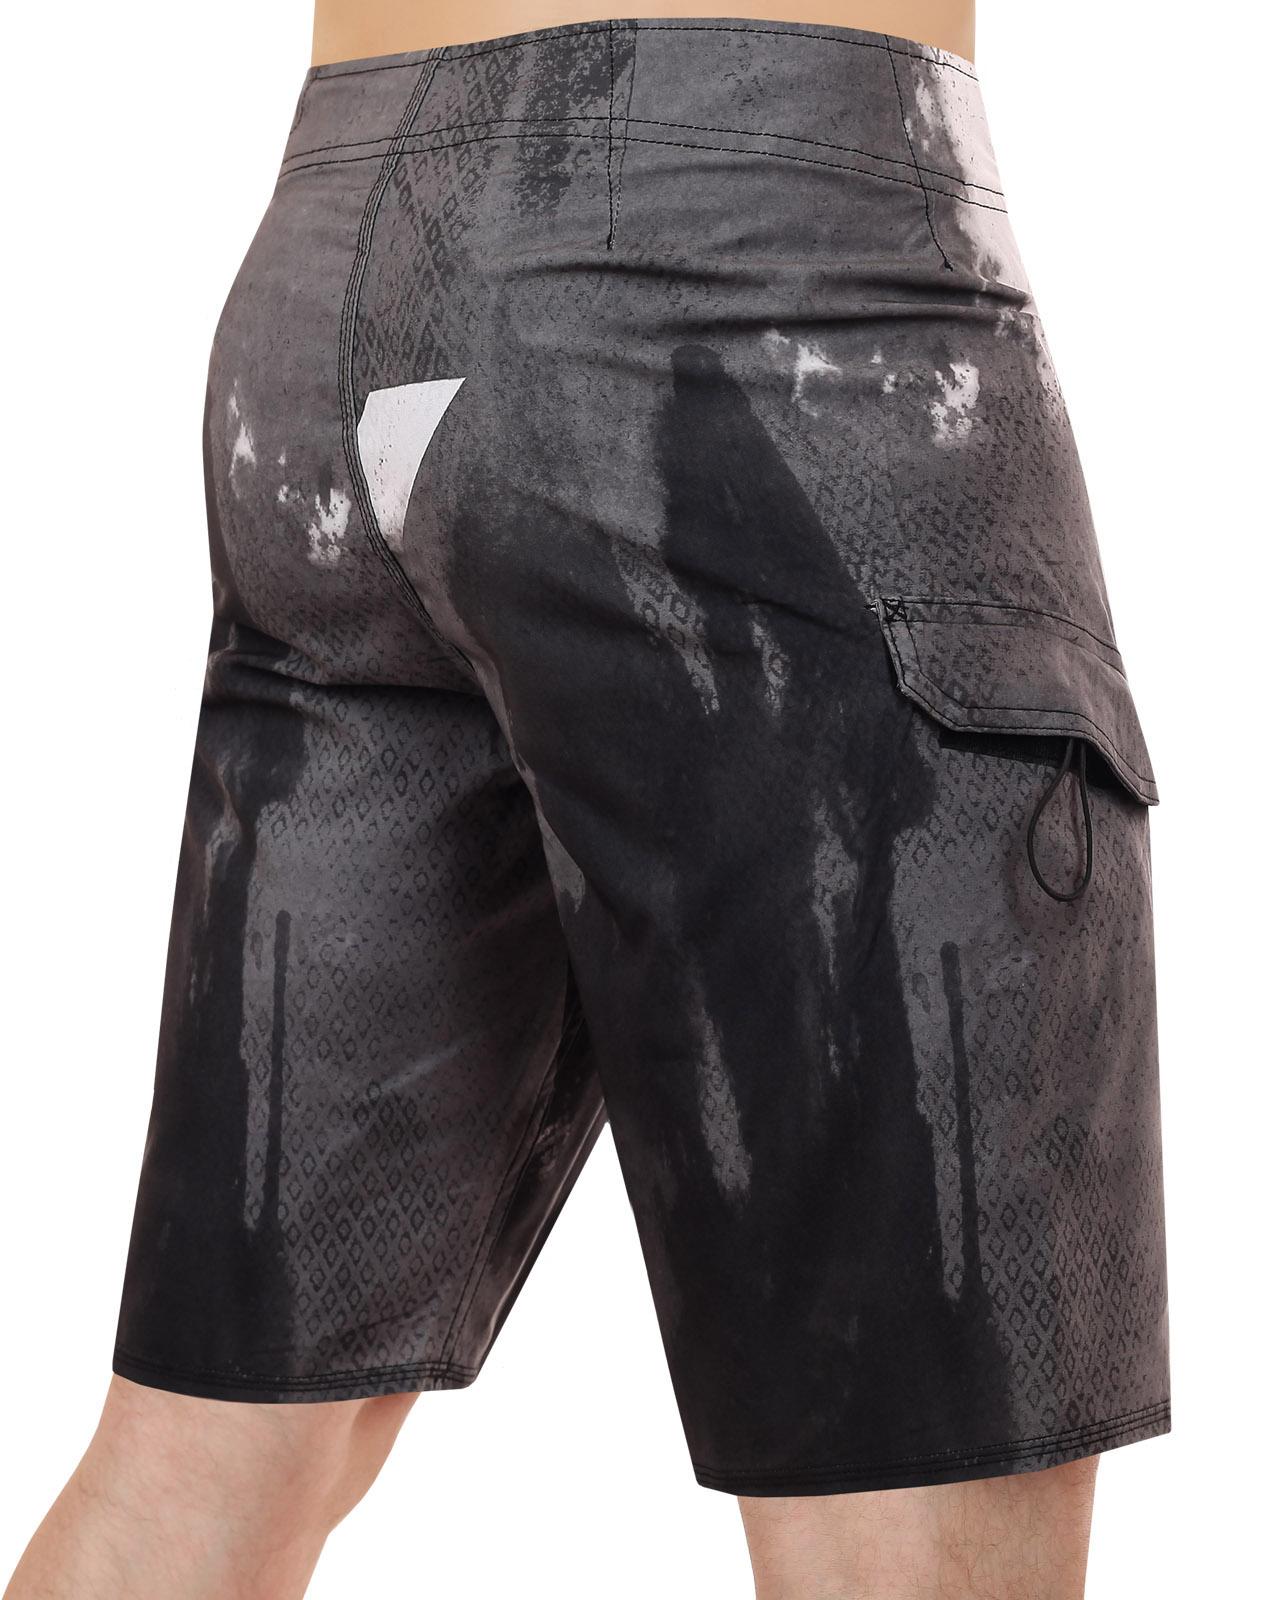 Купить в интернет магазине пляжные мужские шорты